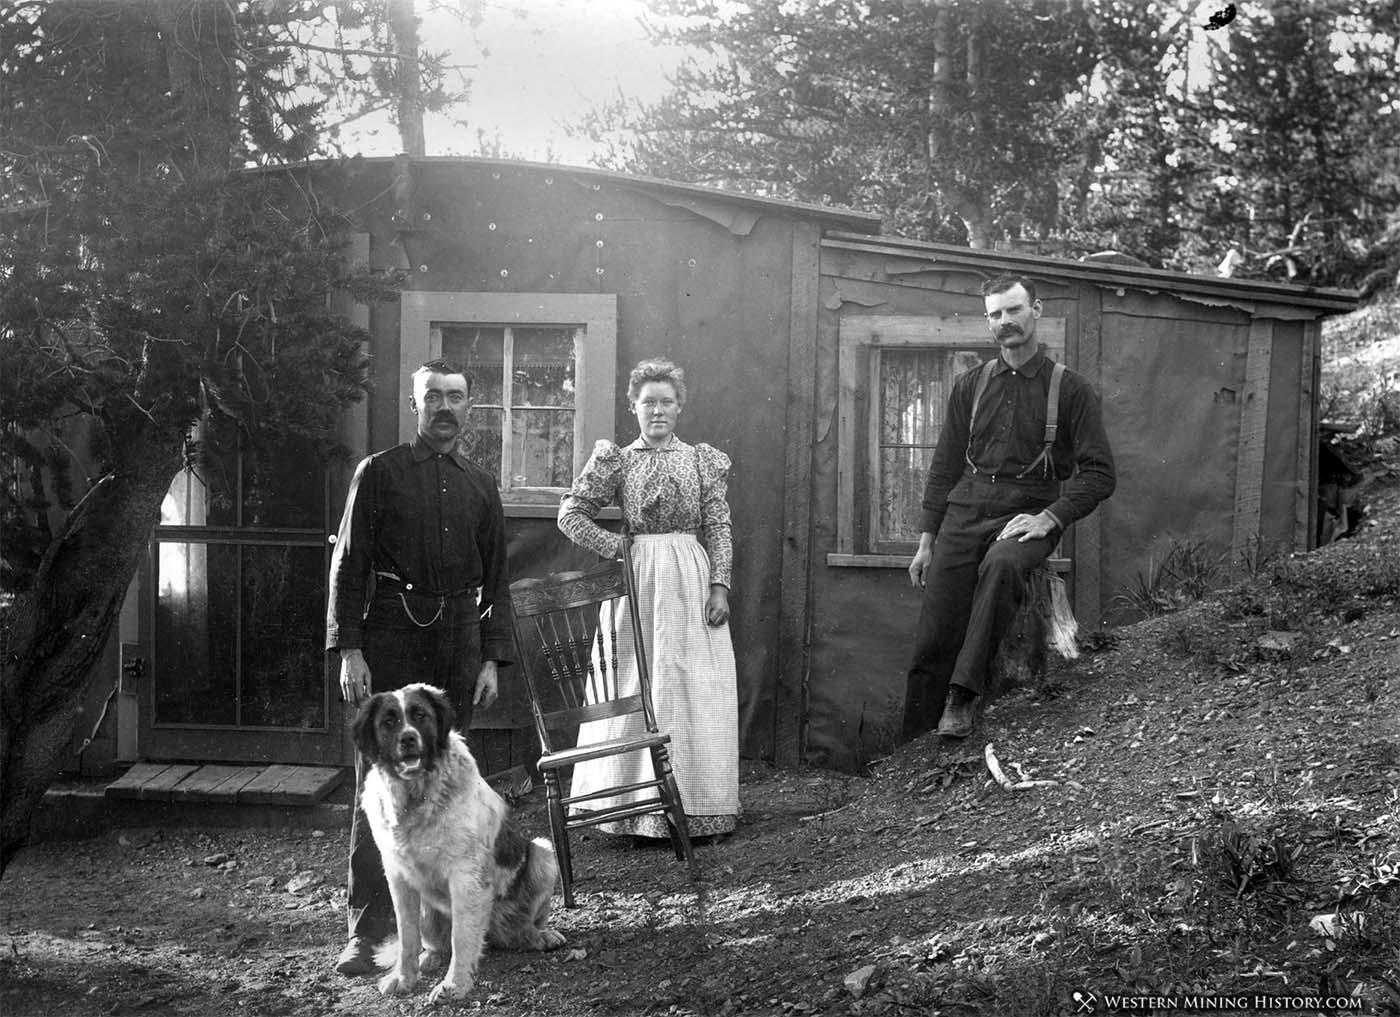 Dog poses at Tom Ellis' home near Altman Colorado